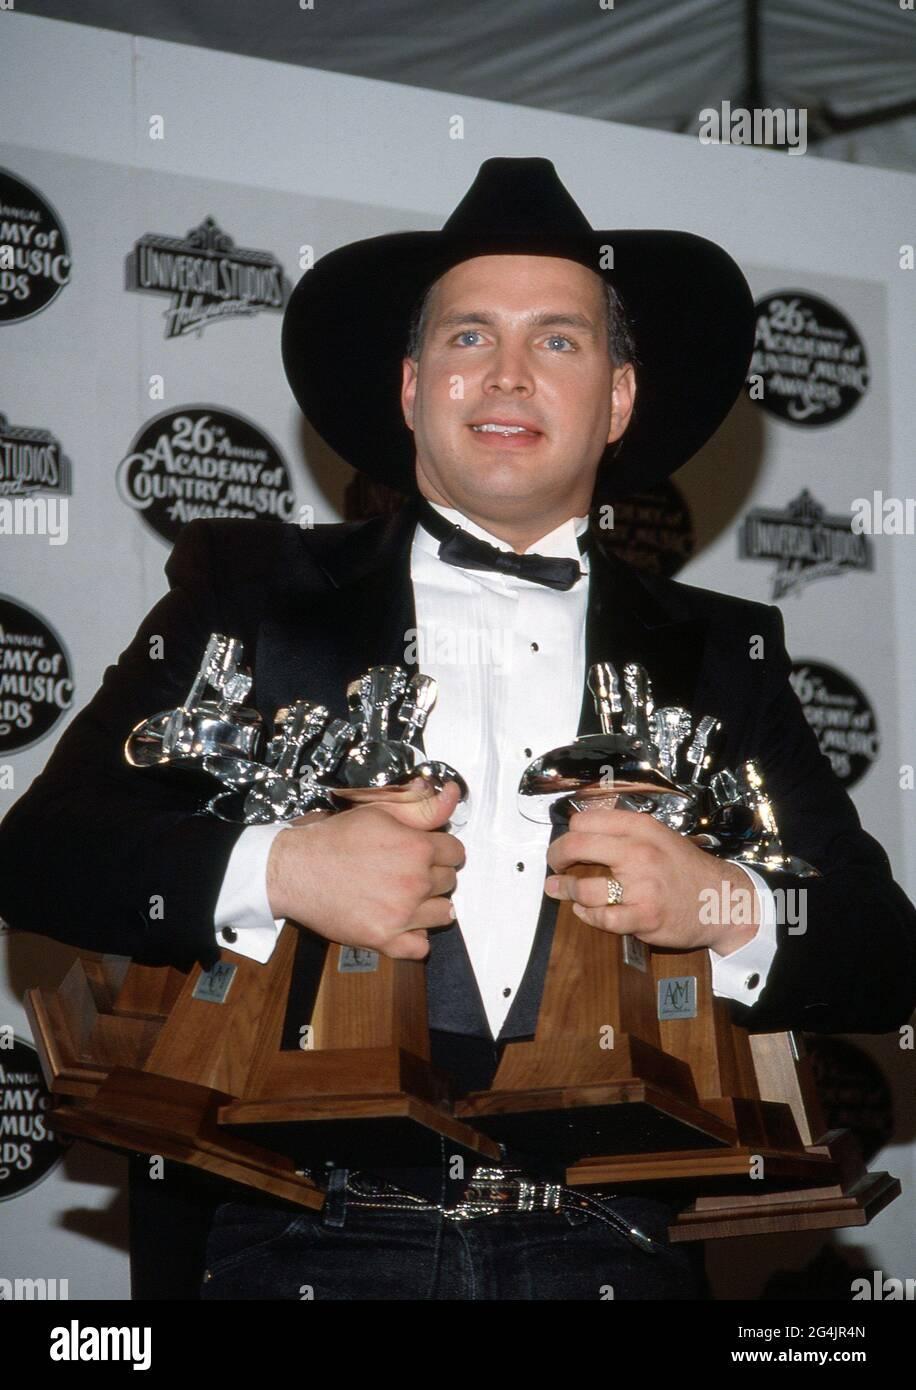 Garth Brooks au 26e prix annuel de l'Académie de musique country à Universal Ampitheater à Universal City, Californie le 24 avril 1991 crédit: Ralph Dominguez/MediaPunch Banque D'Images